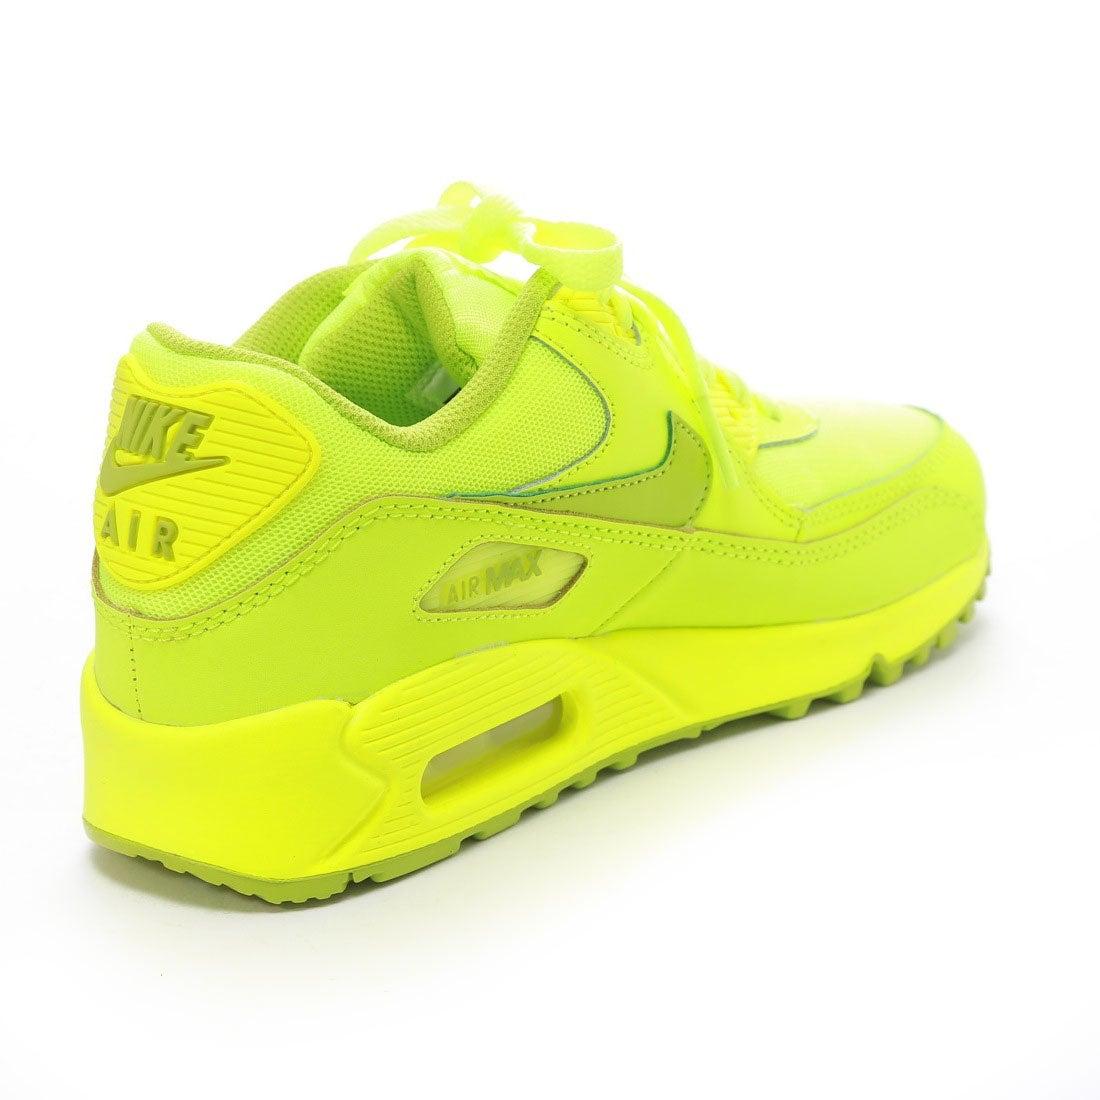 ナイキ NIKE atmos AIR MAX 90 GS(YELLOW) ,靴とファッションの通販サイト ロコンド